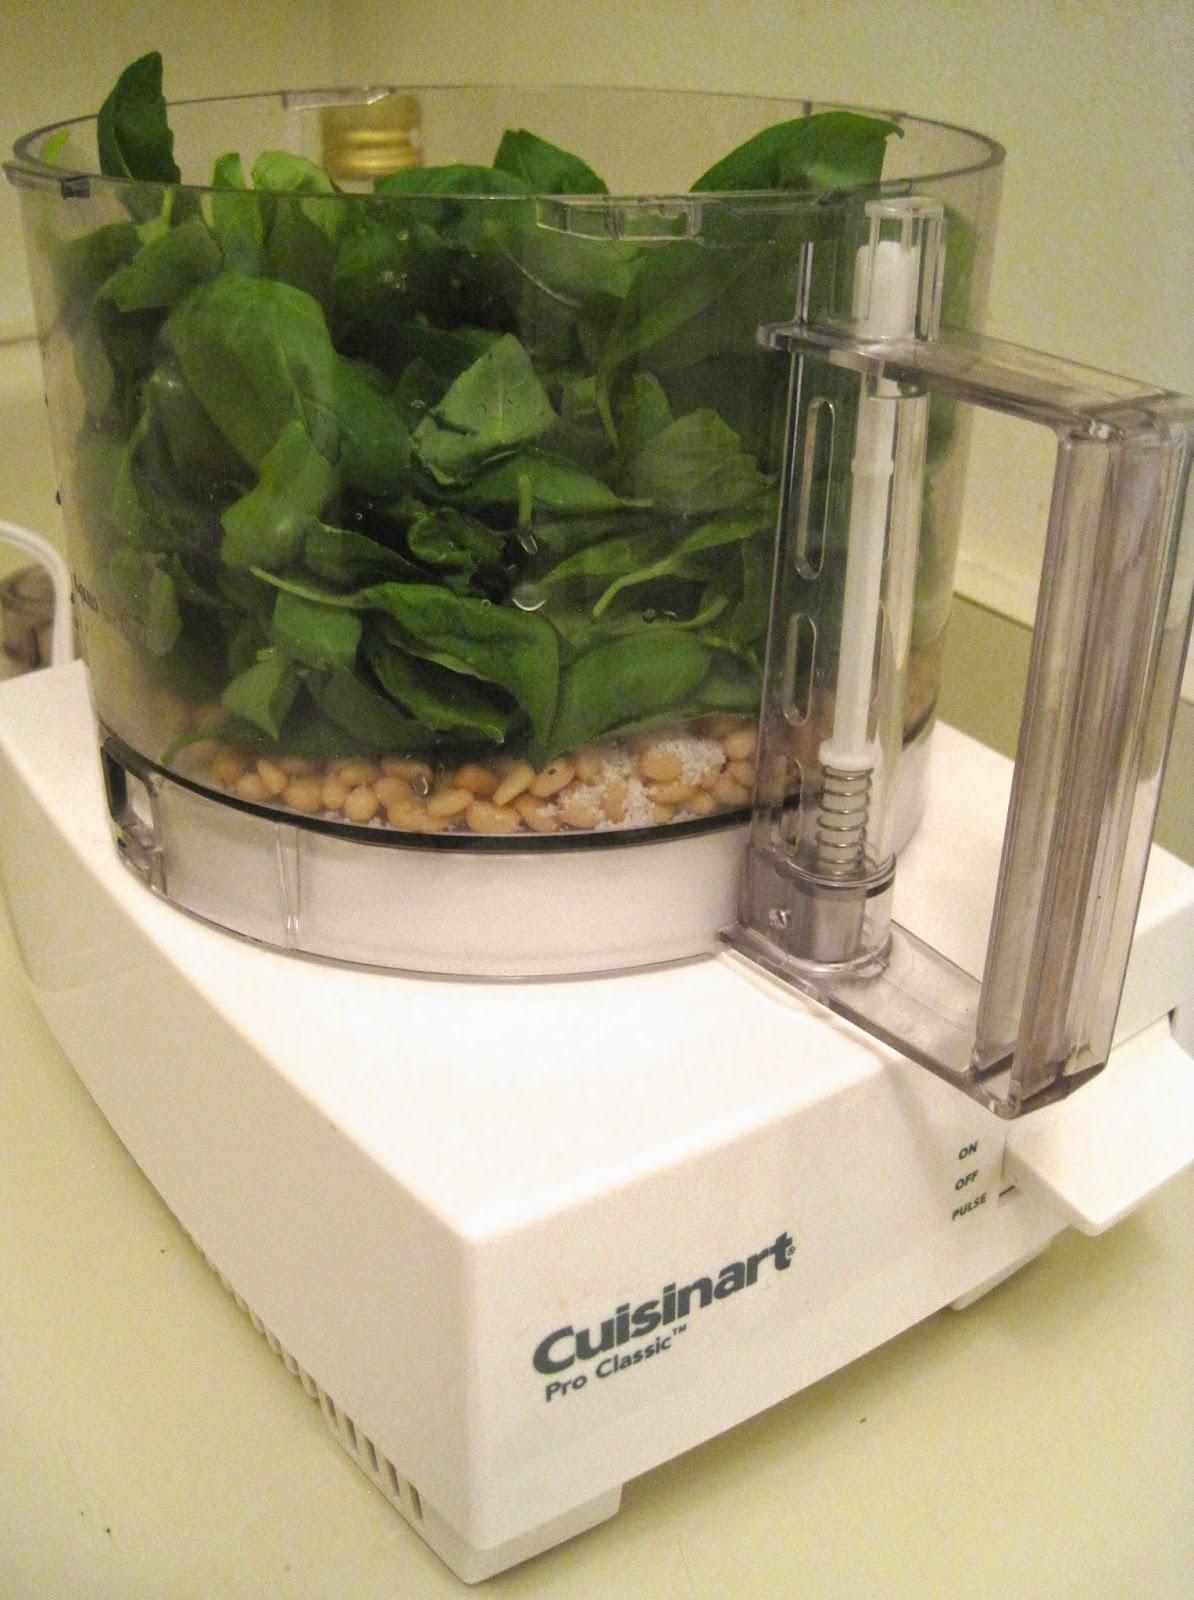 Making Pesto in Food Processor - Vegan Blog Veega